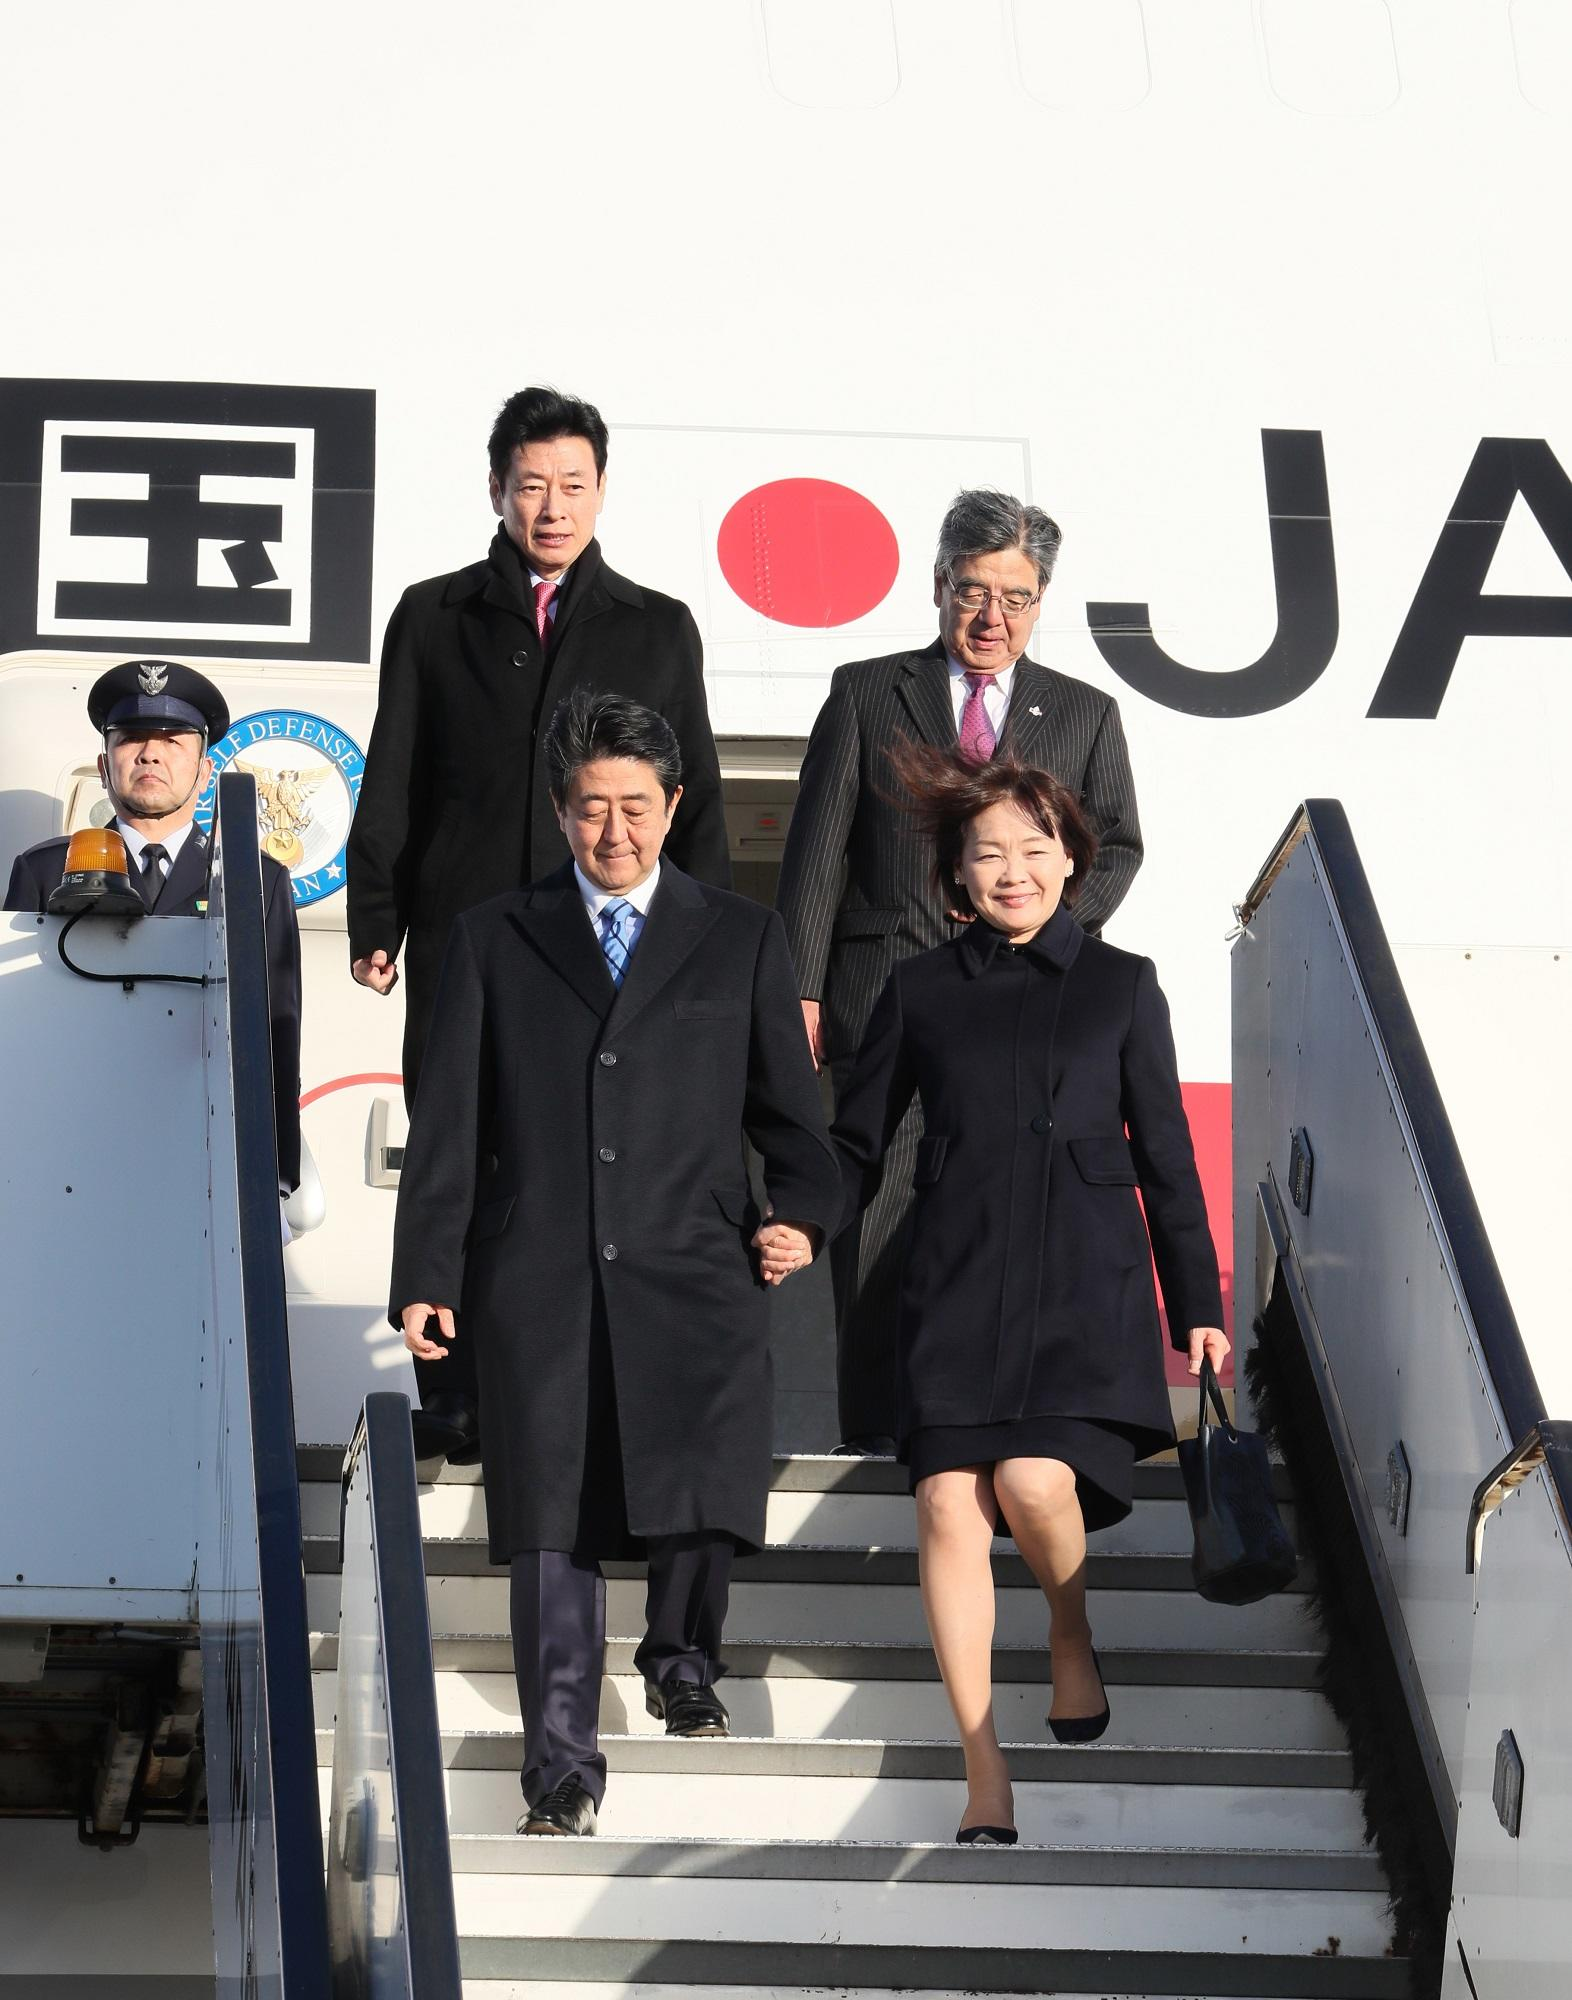 写真:オランダに到着した安倍総理